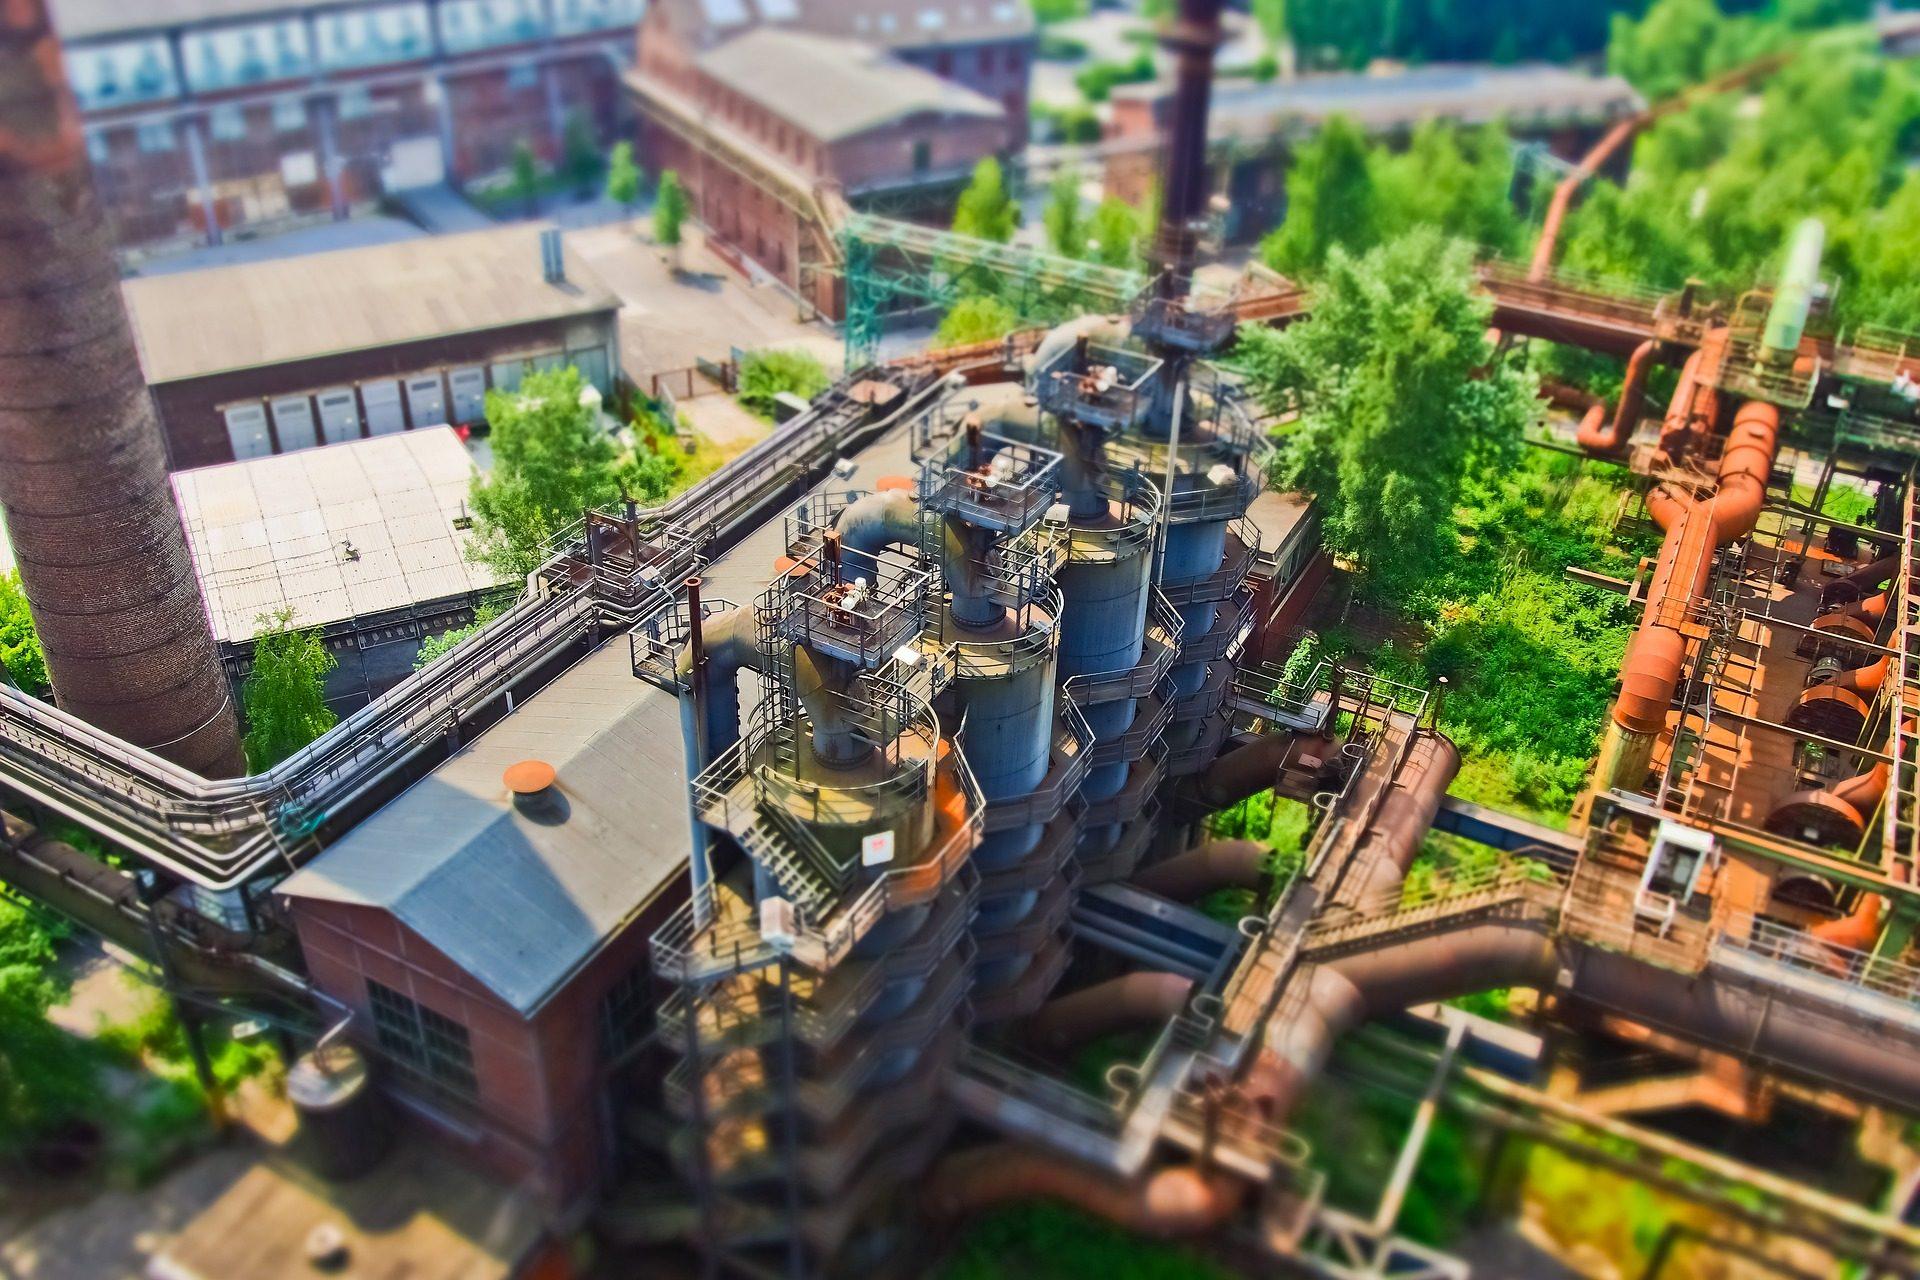 usine, bâtiment, architecture, Air, arbres, cheminées - Fonds d'écran HD - Professor-falken.com